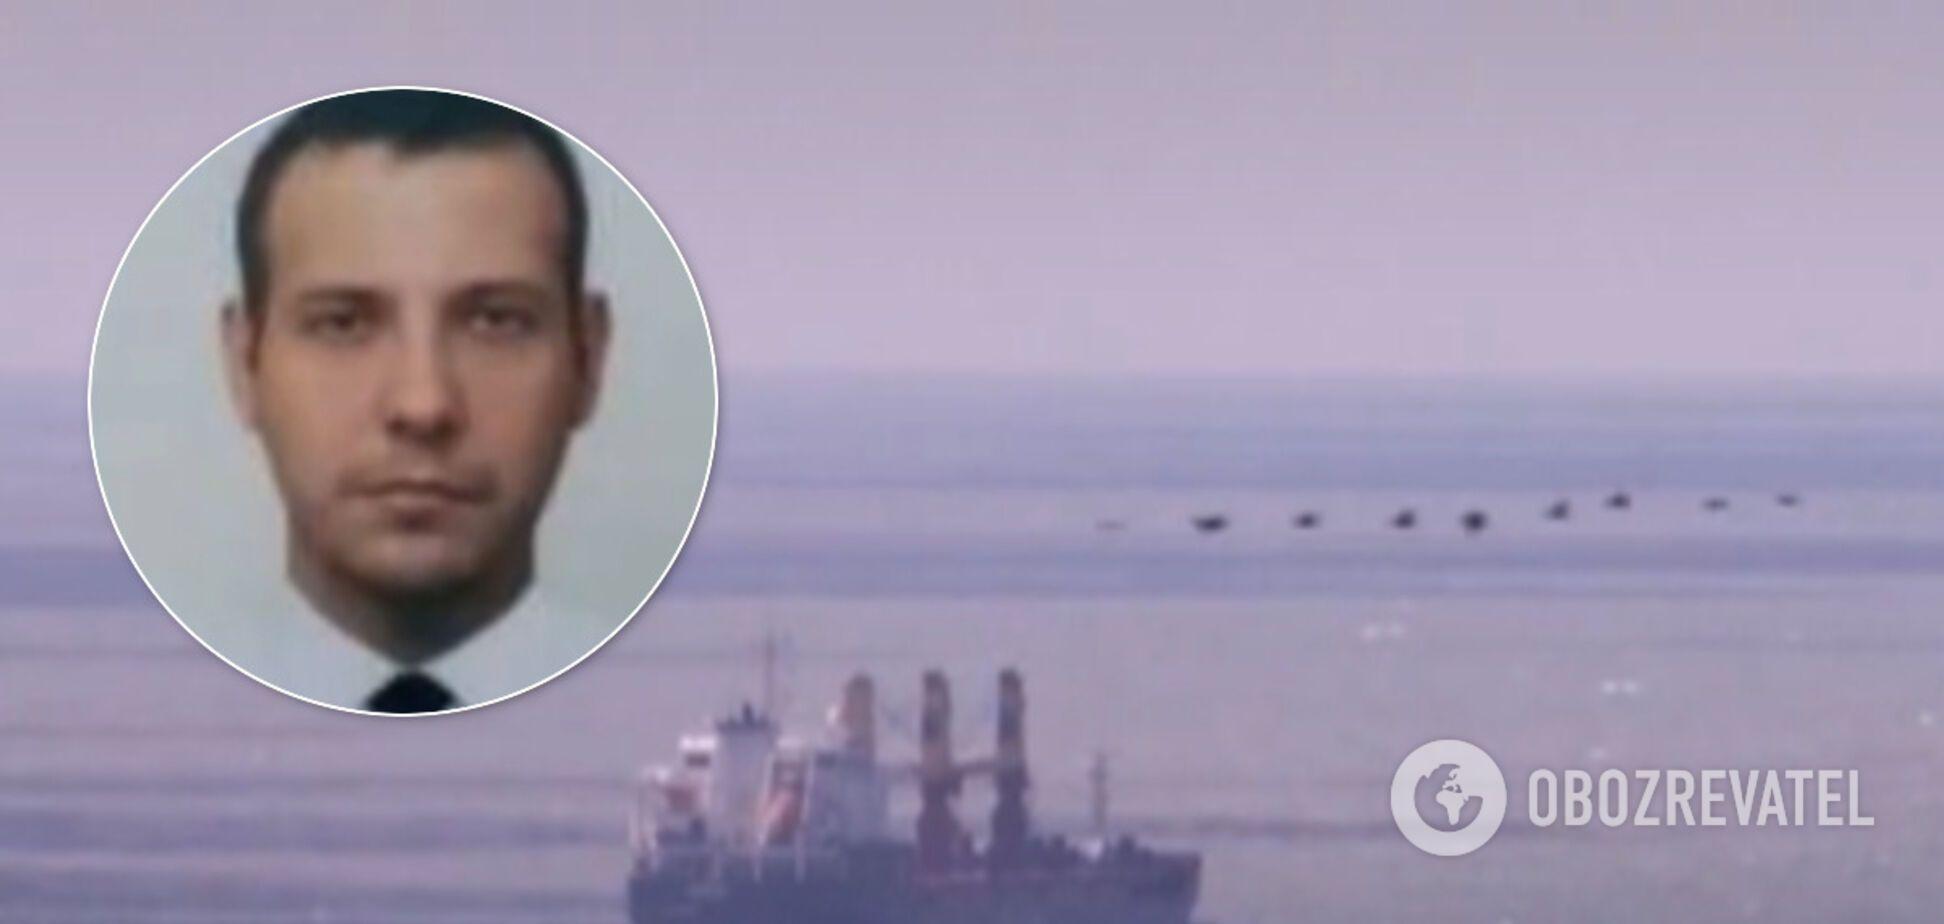 Украинский моряк таинственно пропал в Индийском океане: коллеги подозревают убийство